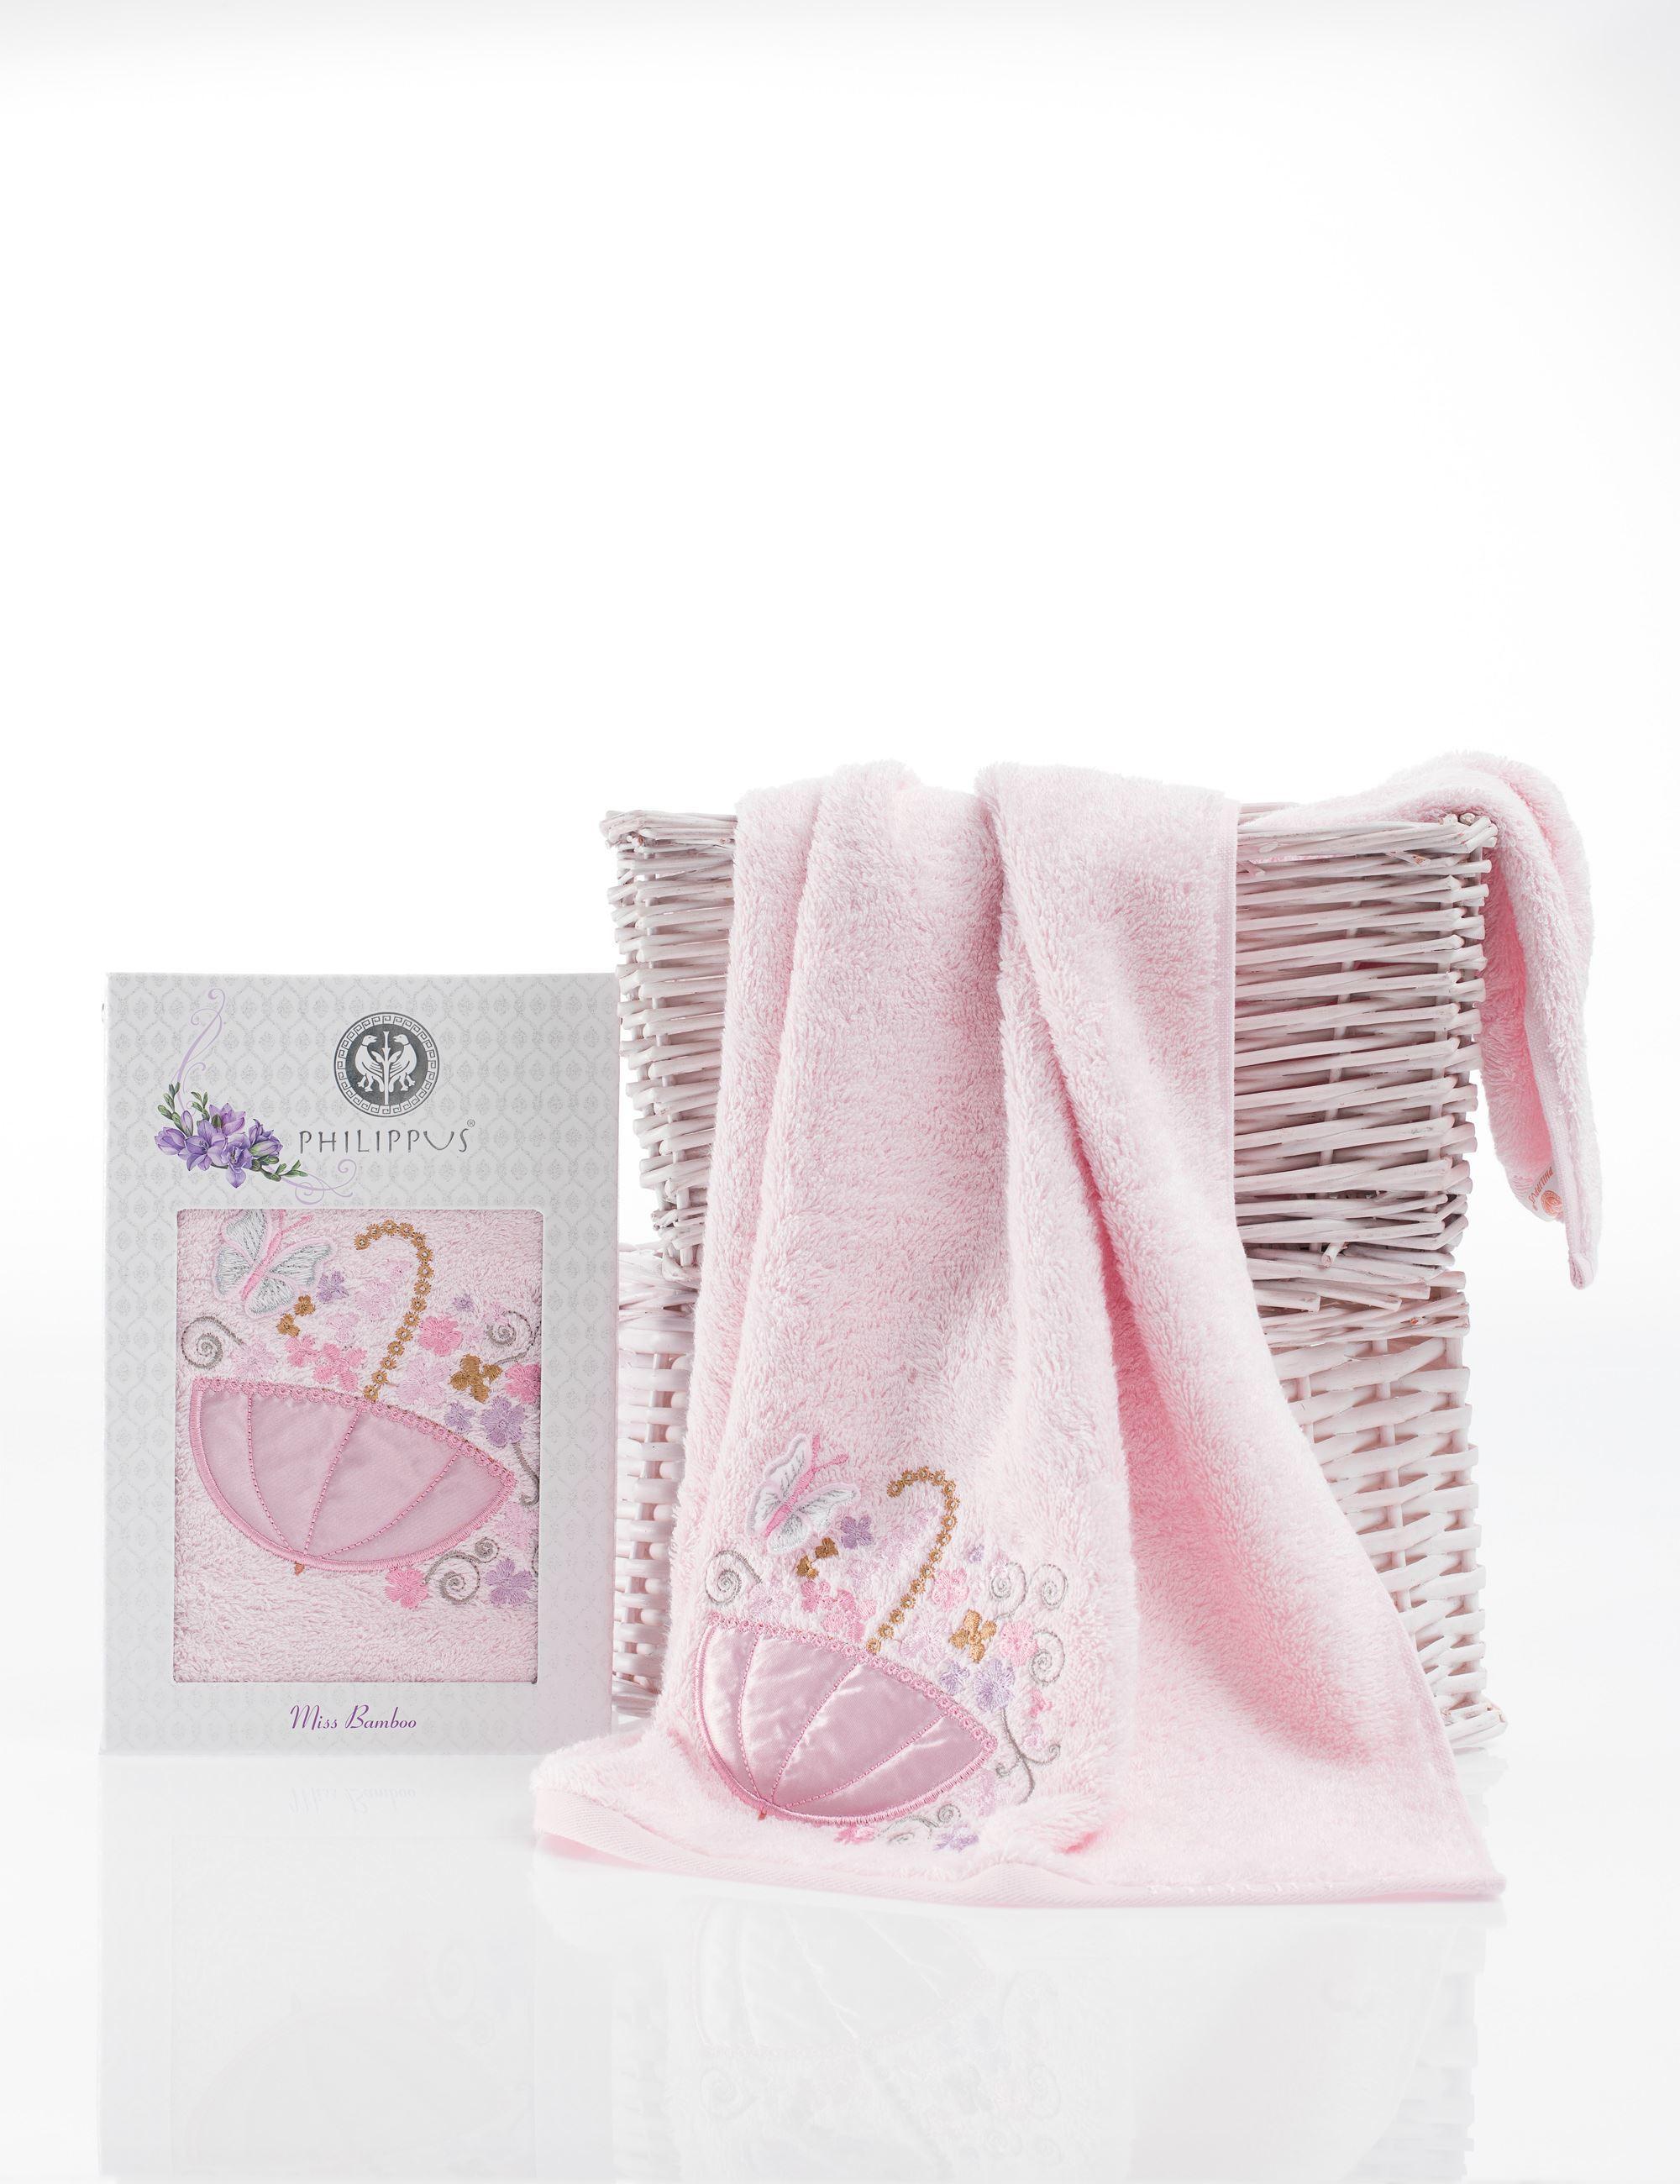 Полотенца Philippus Полотенце Victoria Цвет: Светло-Розовый (50х90 см) полотенца philippus полотенце laura 50х90 см 6 шт